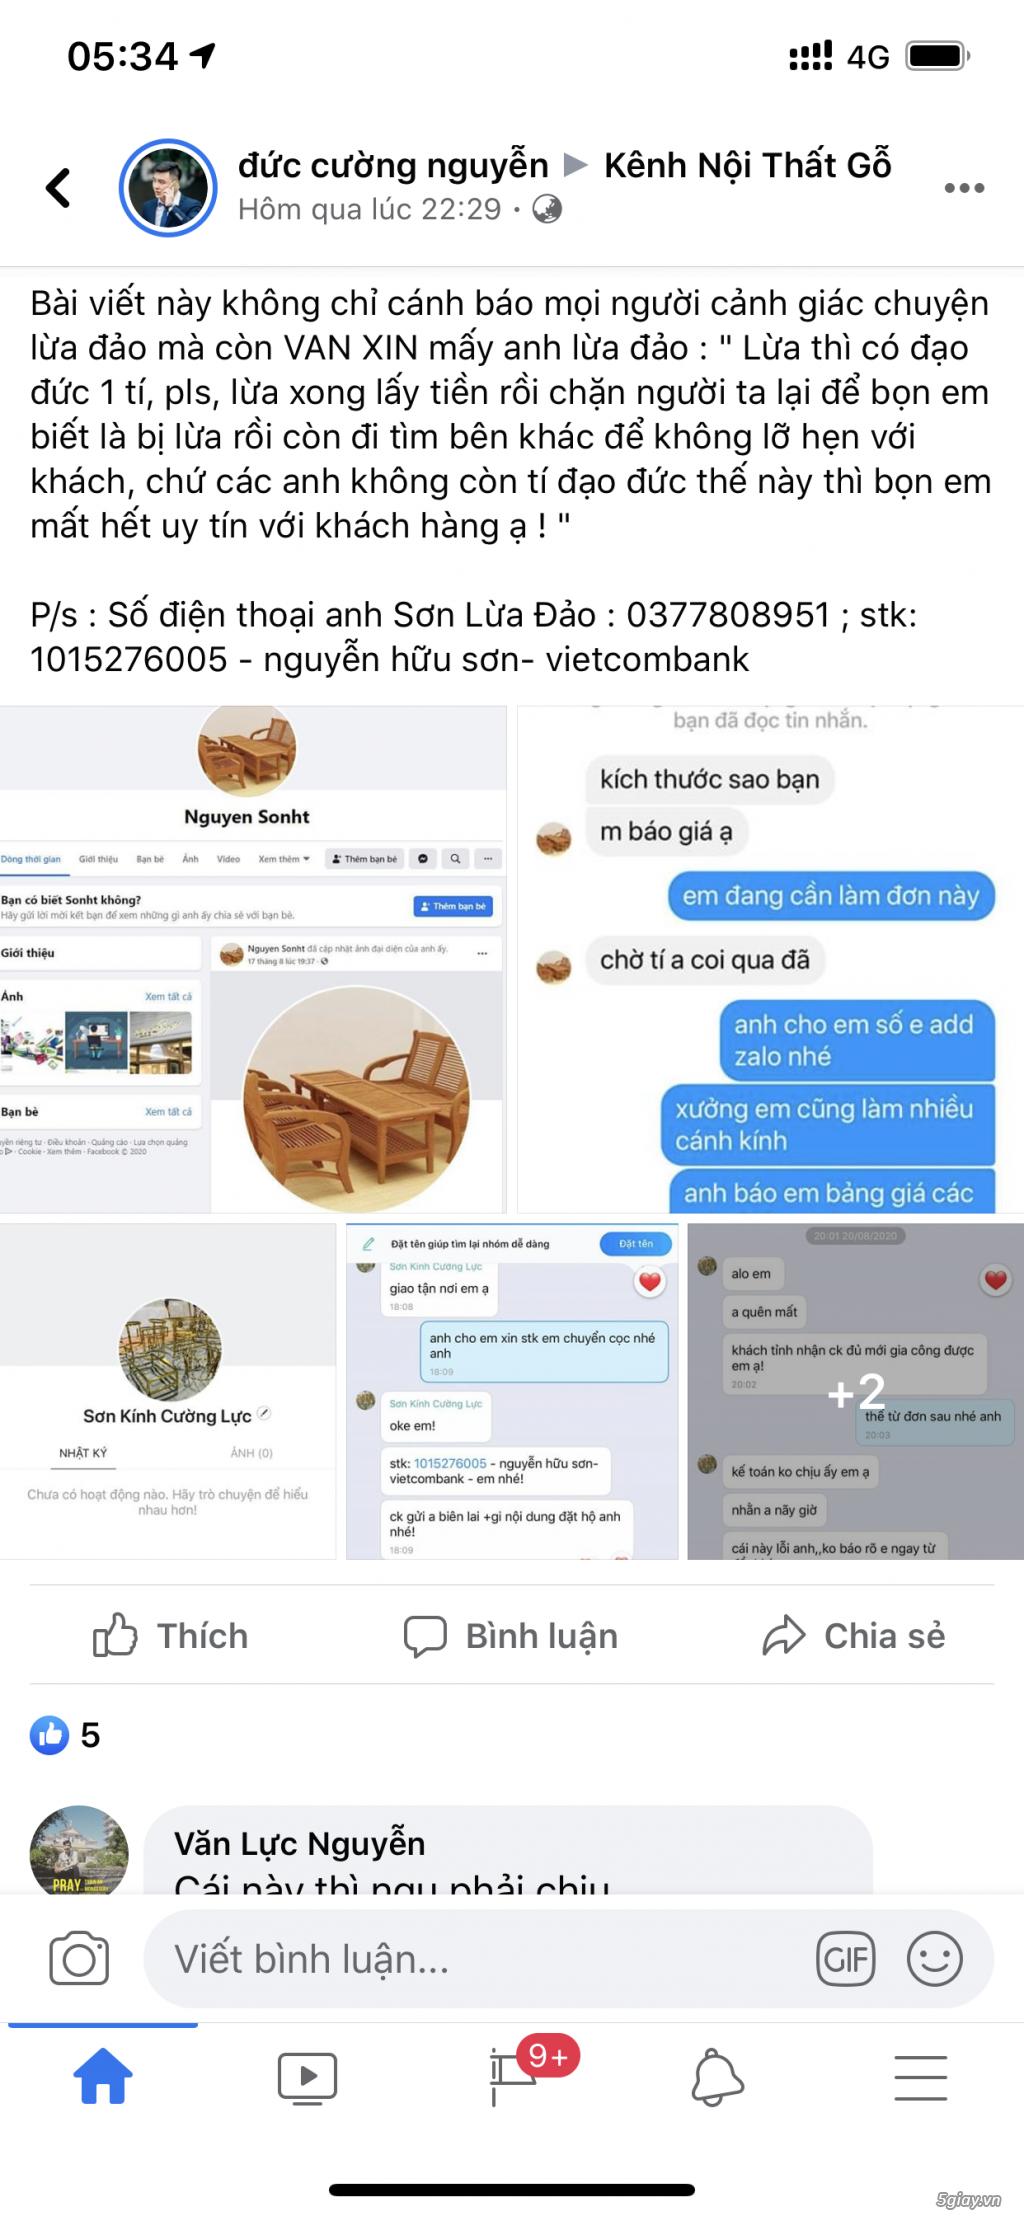 Cảnh báo lừa đảo khi mua đồ trên FB với tên Nguyễn Hữu Sơn - 1